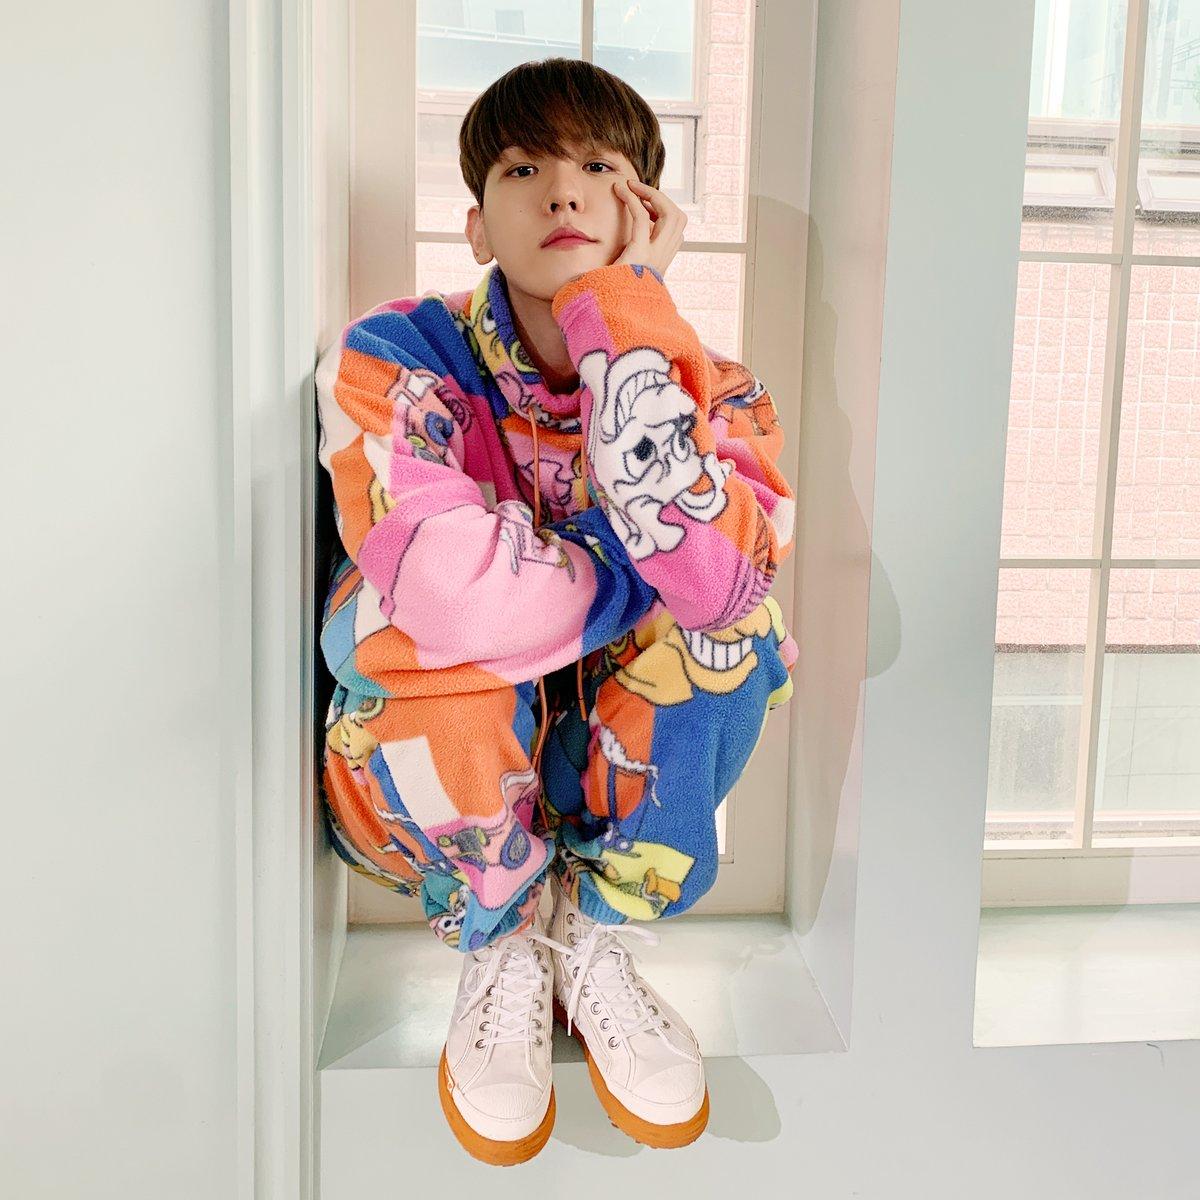 에리들이 골라준 옷 입고 진행한 백현의 'Candy' Shop🍬!🙂 모두 즐거우셨나요? 🐶❤ NOW EVERYBODY LISTEN TO Candy WITH ME! ( ´.ㅅ` )ノ🍬🍭 #백현 #BAEKHYUN #엑소 #EXO #weareoneEXO #Delight #Candy #BAEKHYUN_Candy #큥이_에리_기가막힌_케미스트리